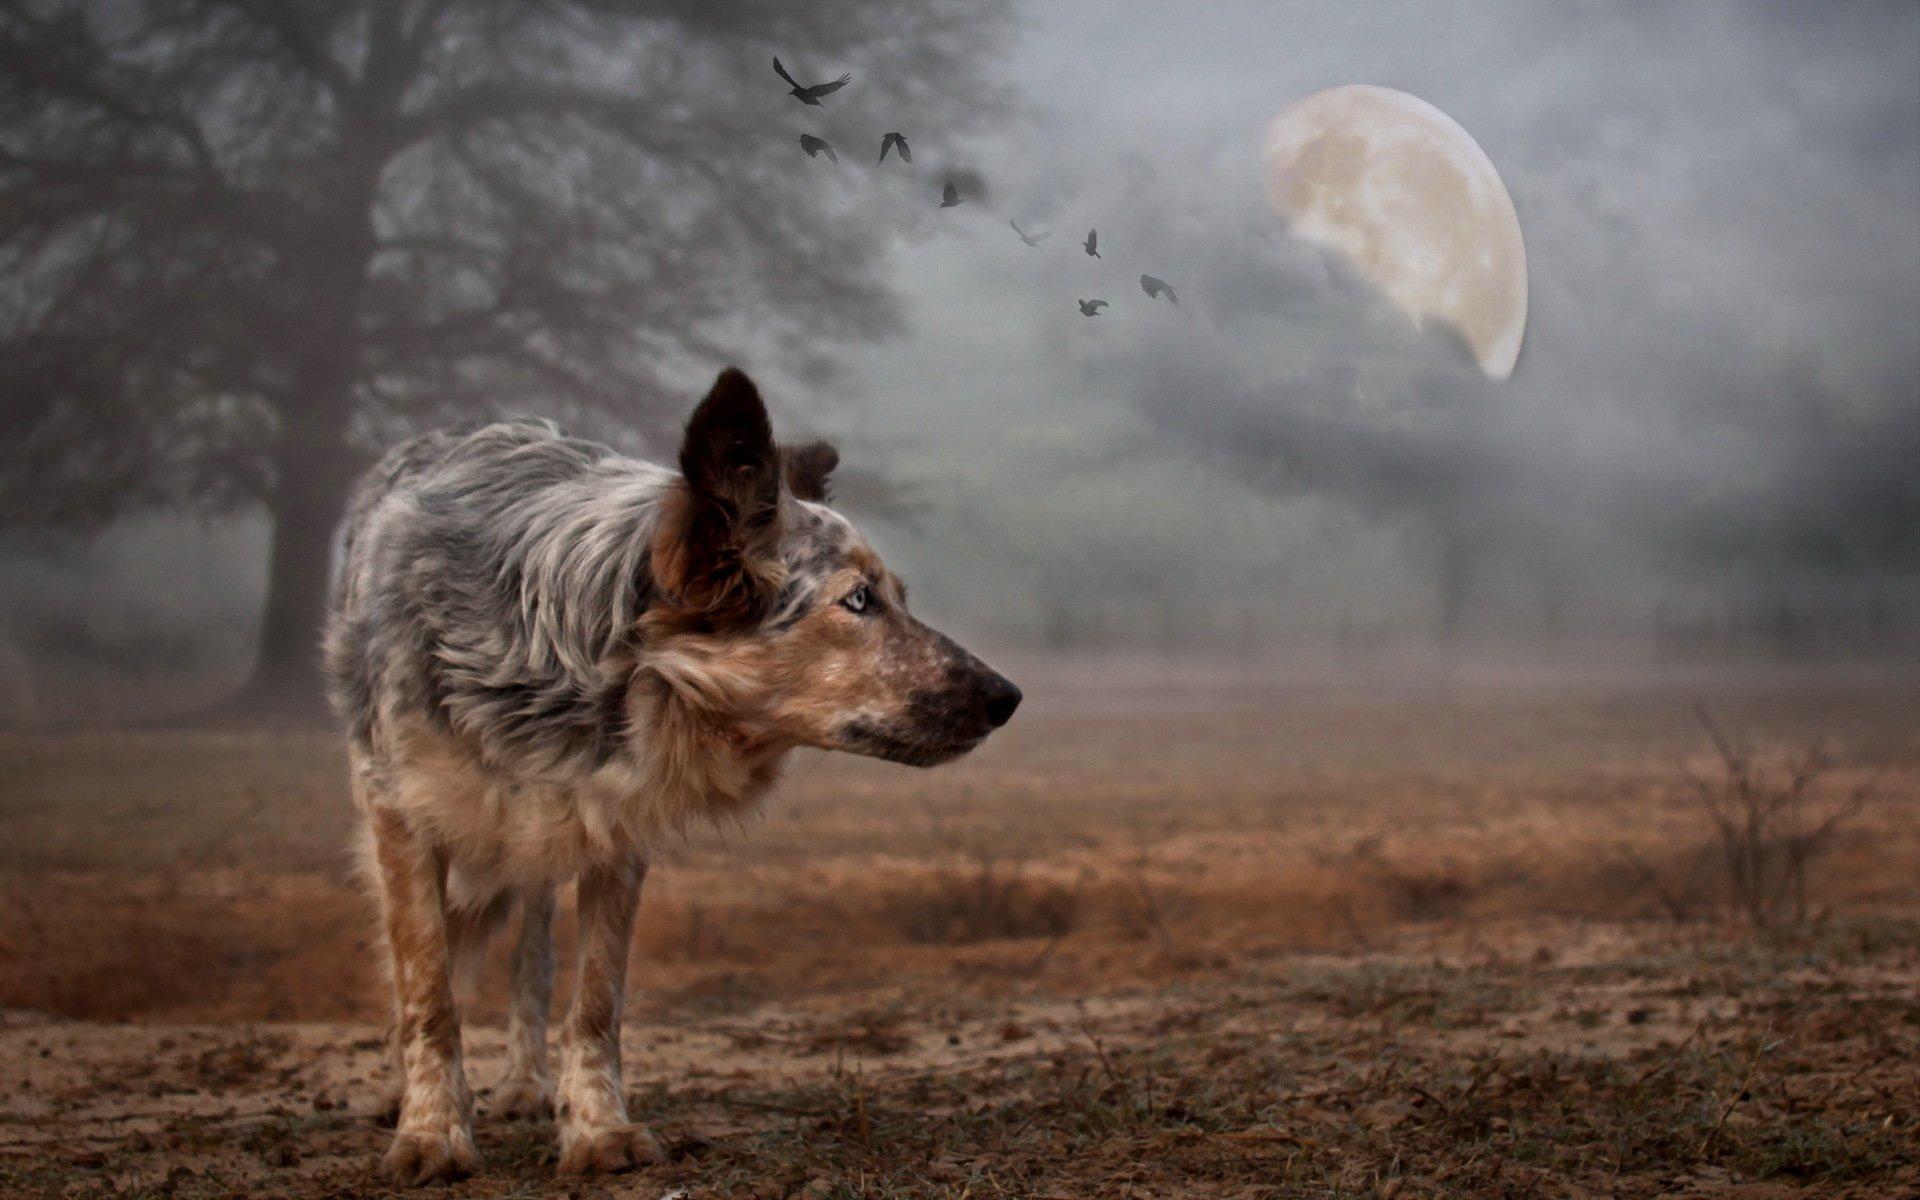 чувство фото волка на фоне города всякий, кто имеет